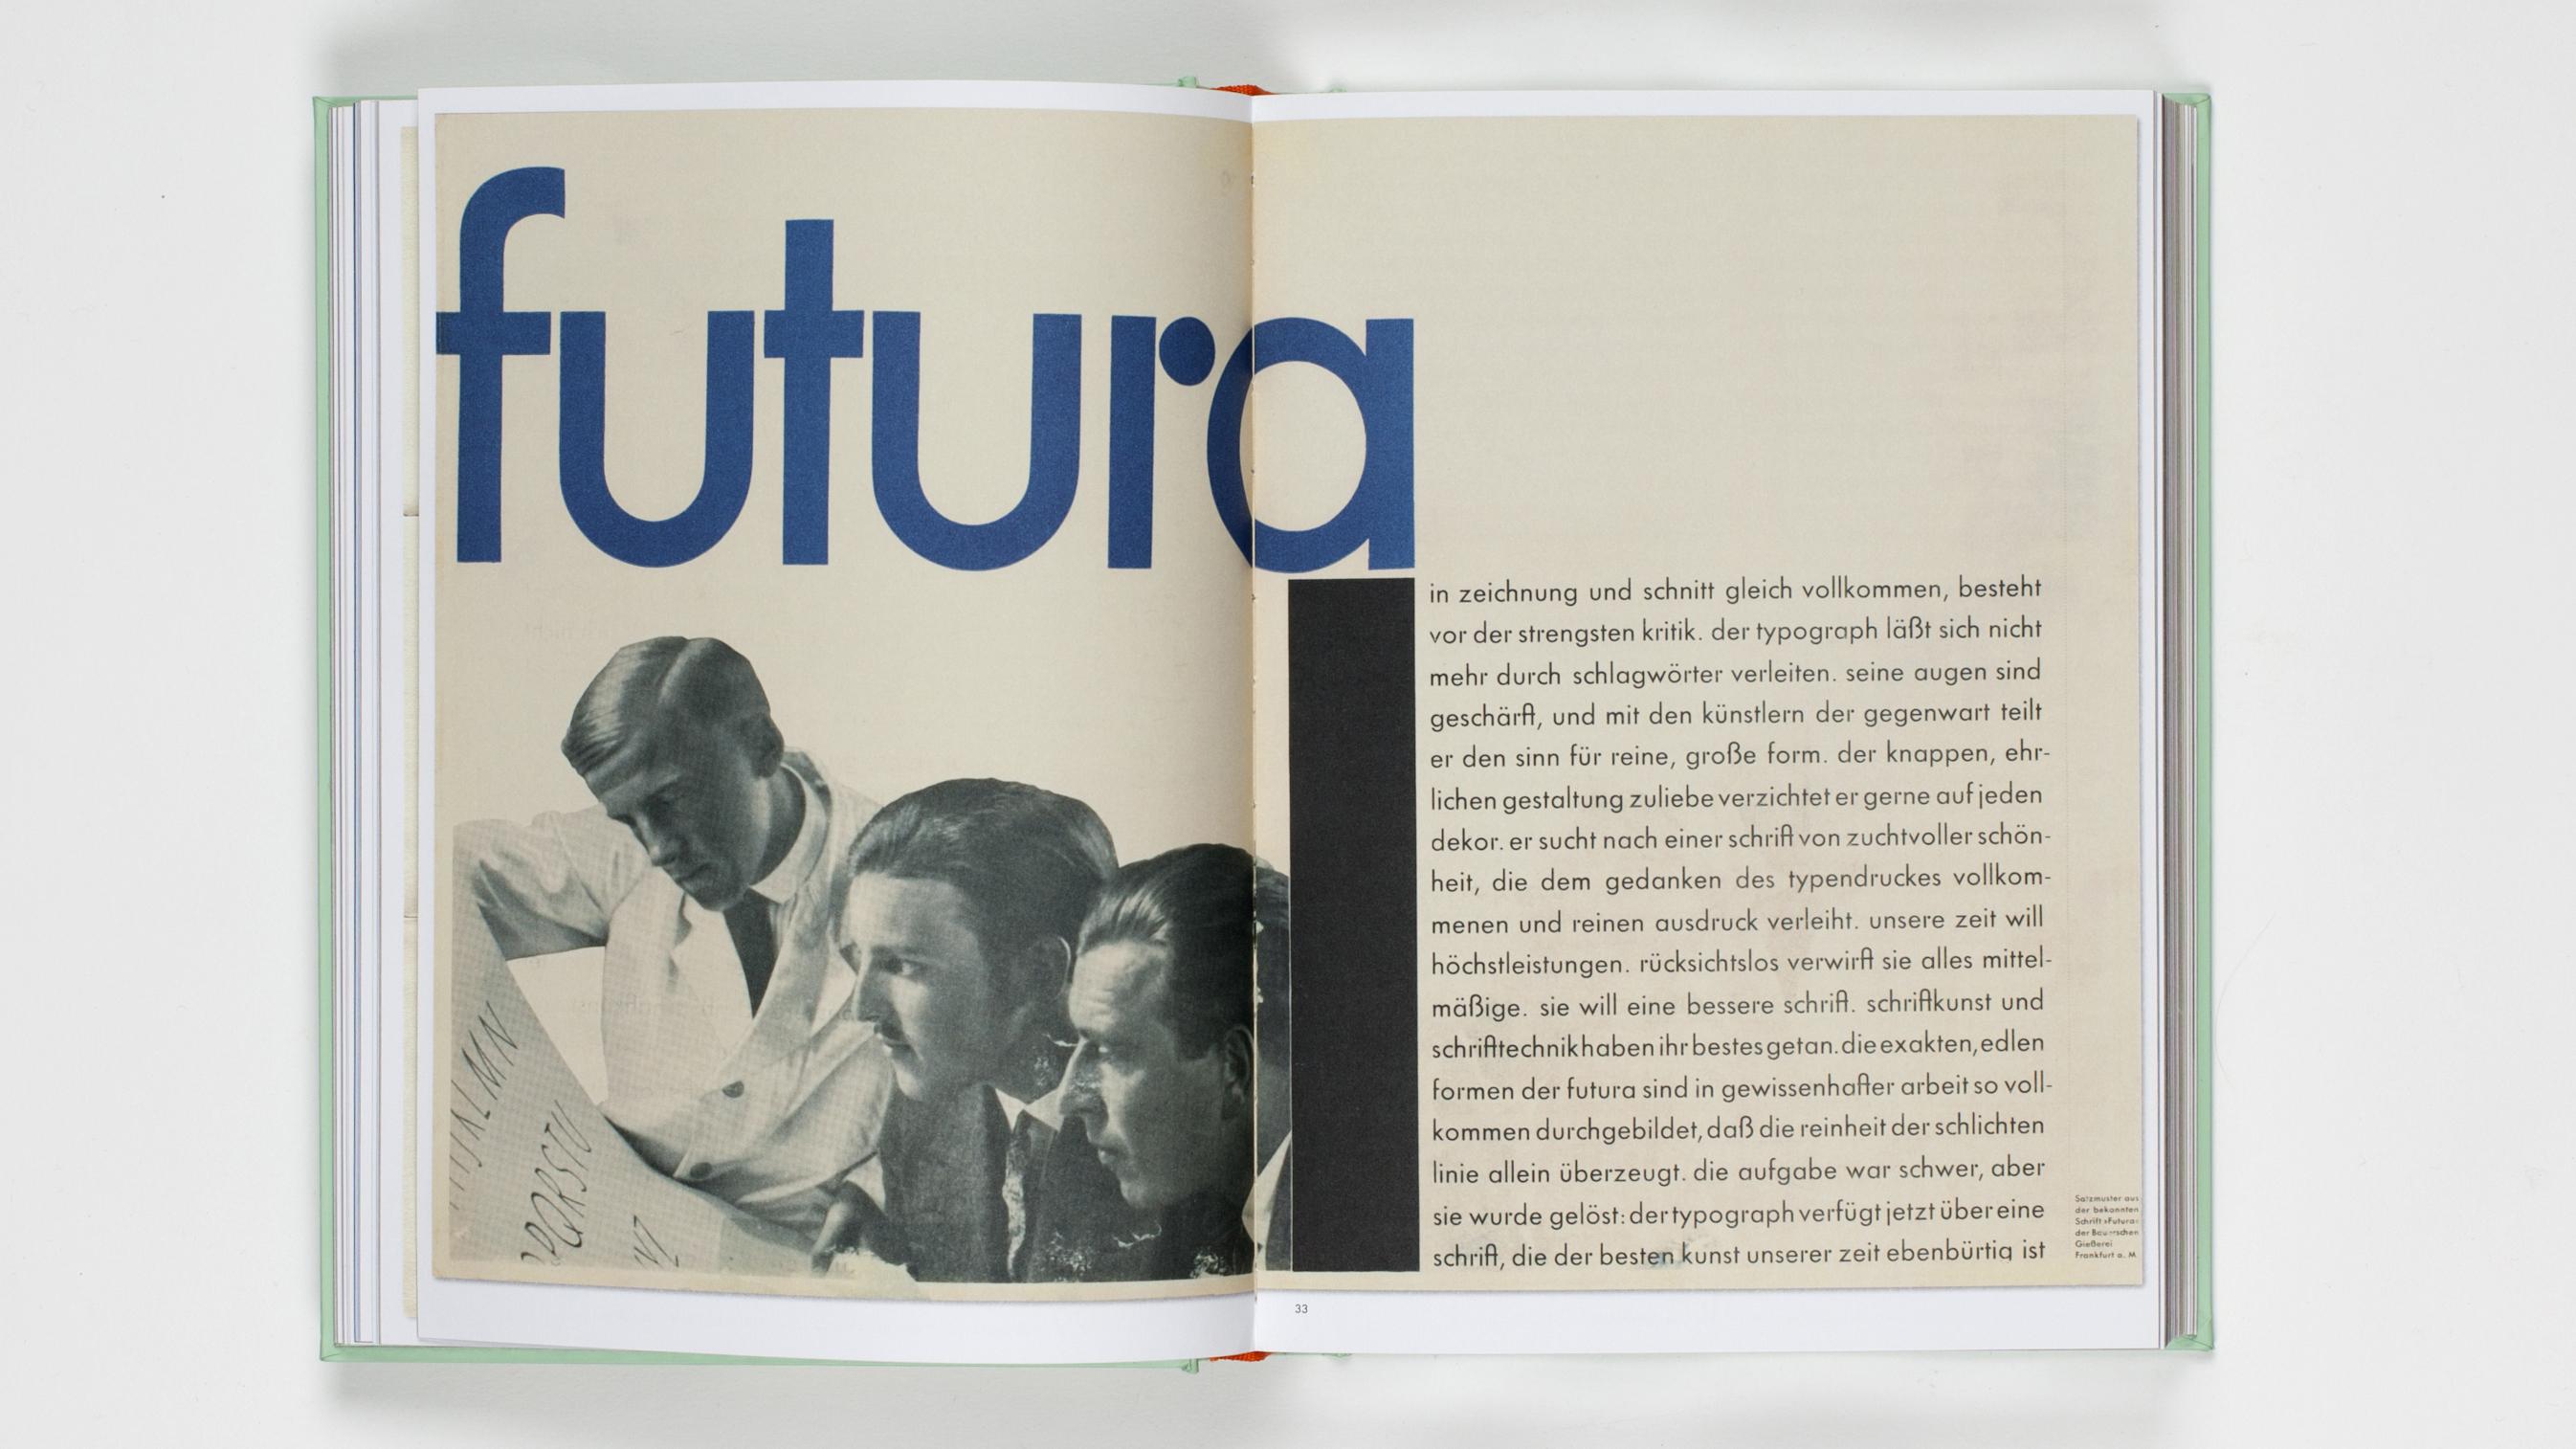 Fonte Futura Bt Book